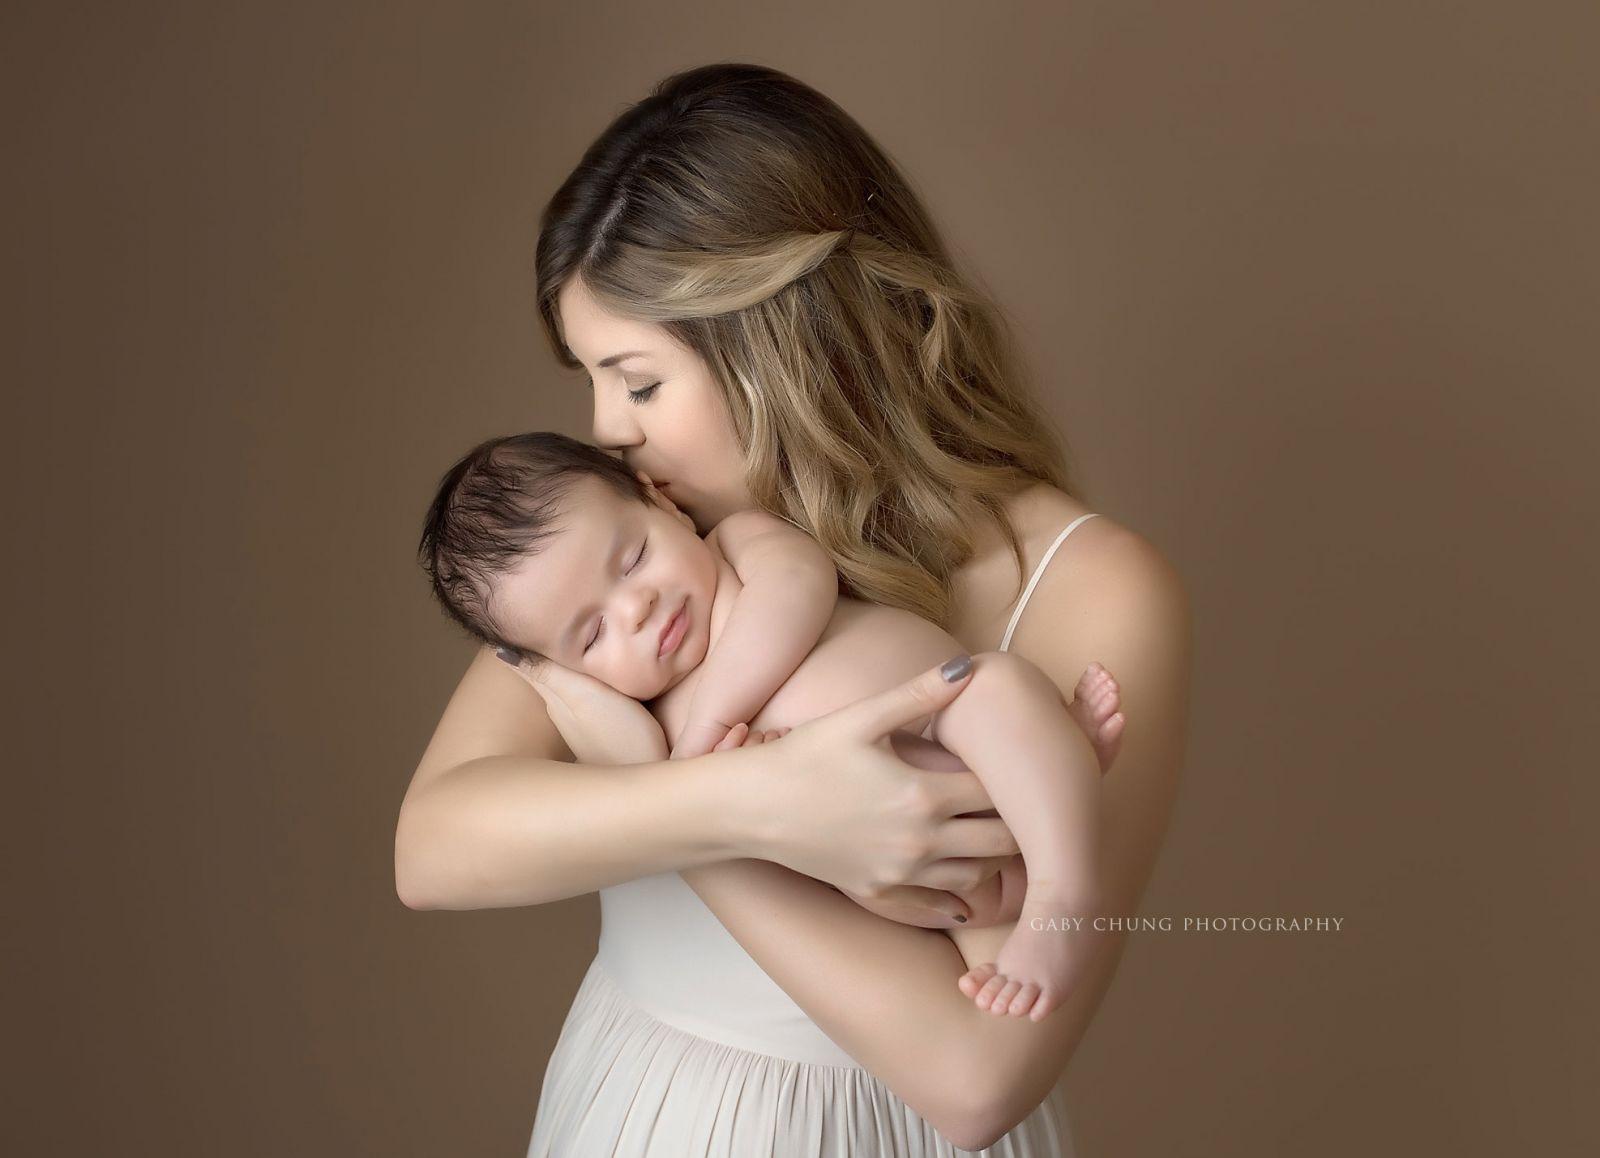 Pasadena baby photographer